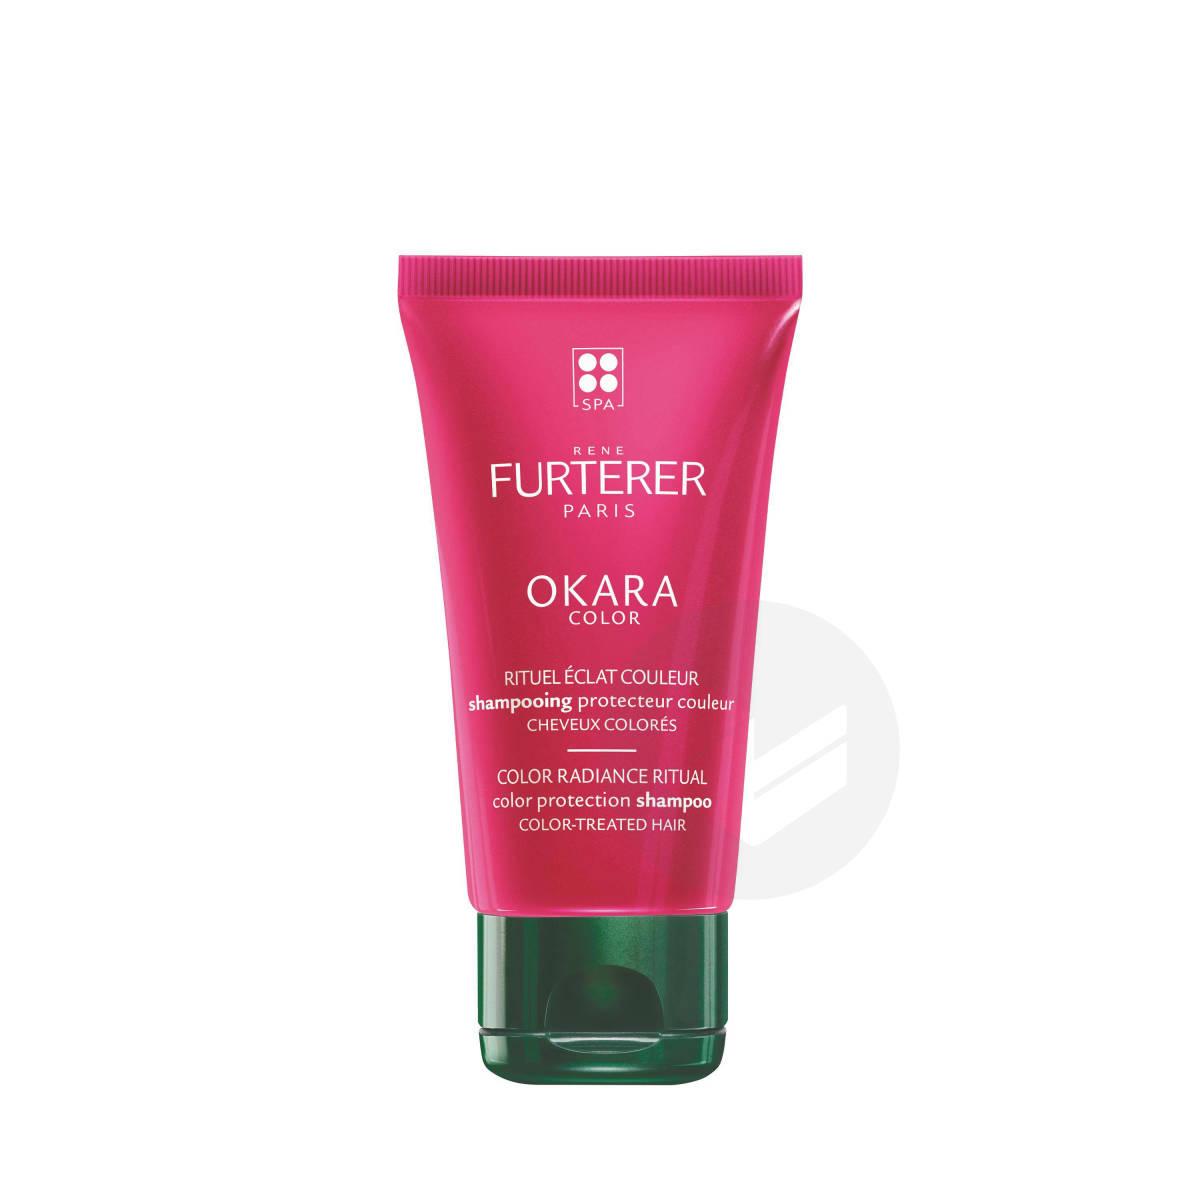 Shampooing protecteur couleur cheveux colorés 50ml